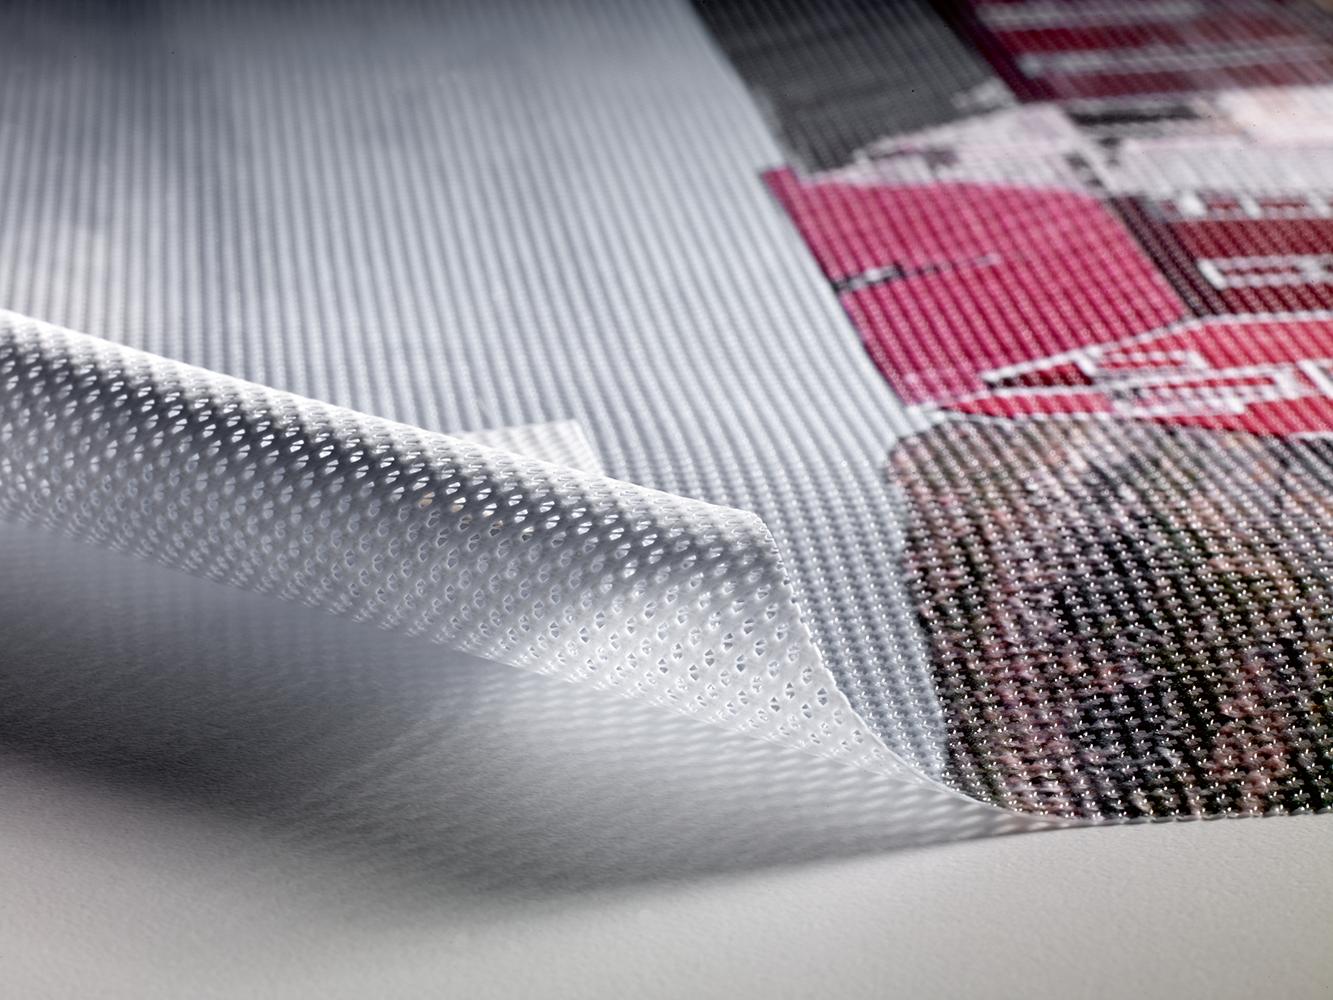 direktprint auf pvc mesh gewebe hahn media fotografie und digitaldruck w rzburg. Black Bedroom Furniture Sets. Home Design Ideas